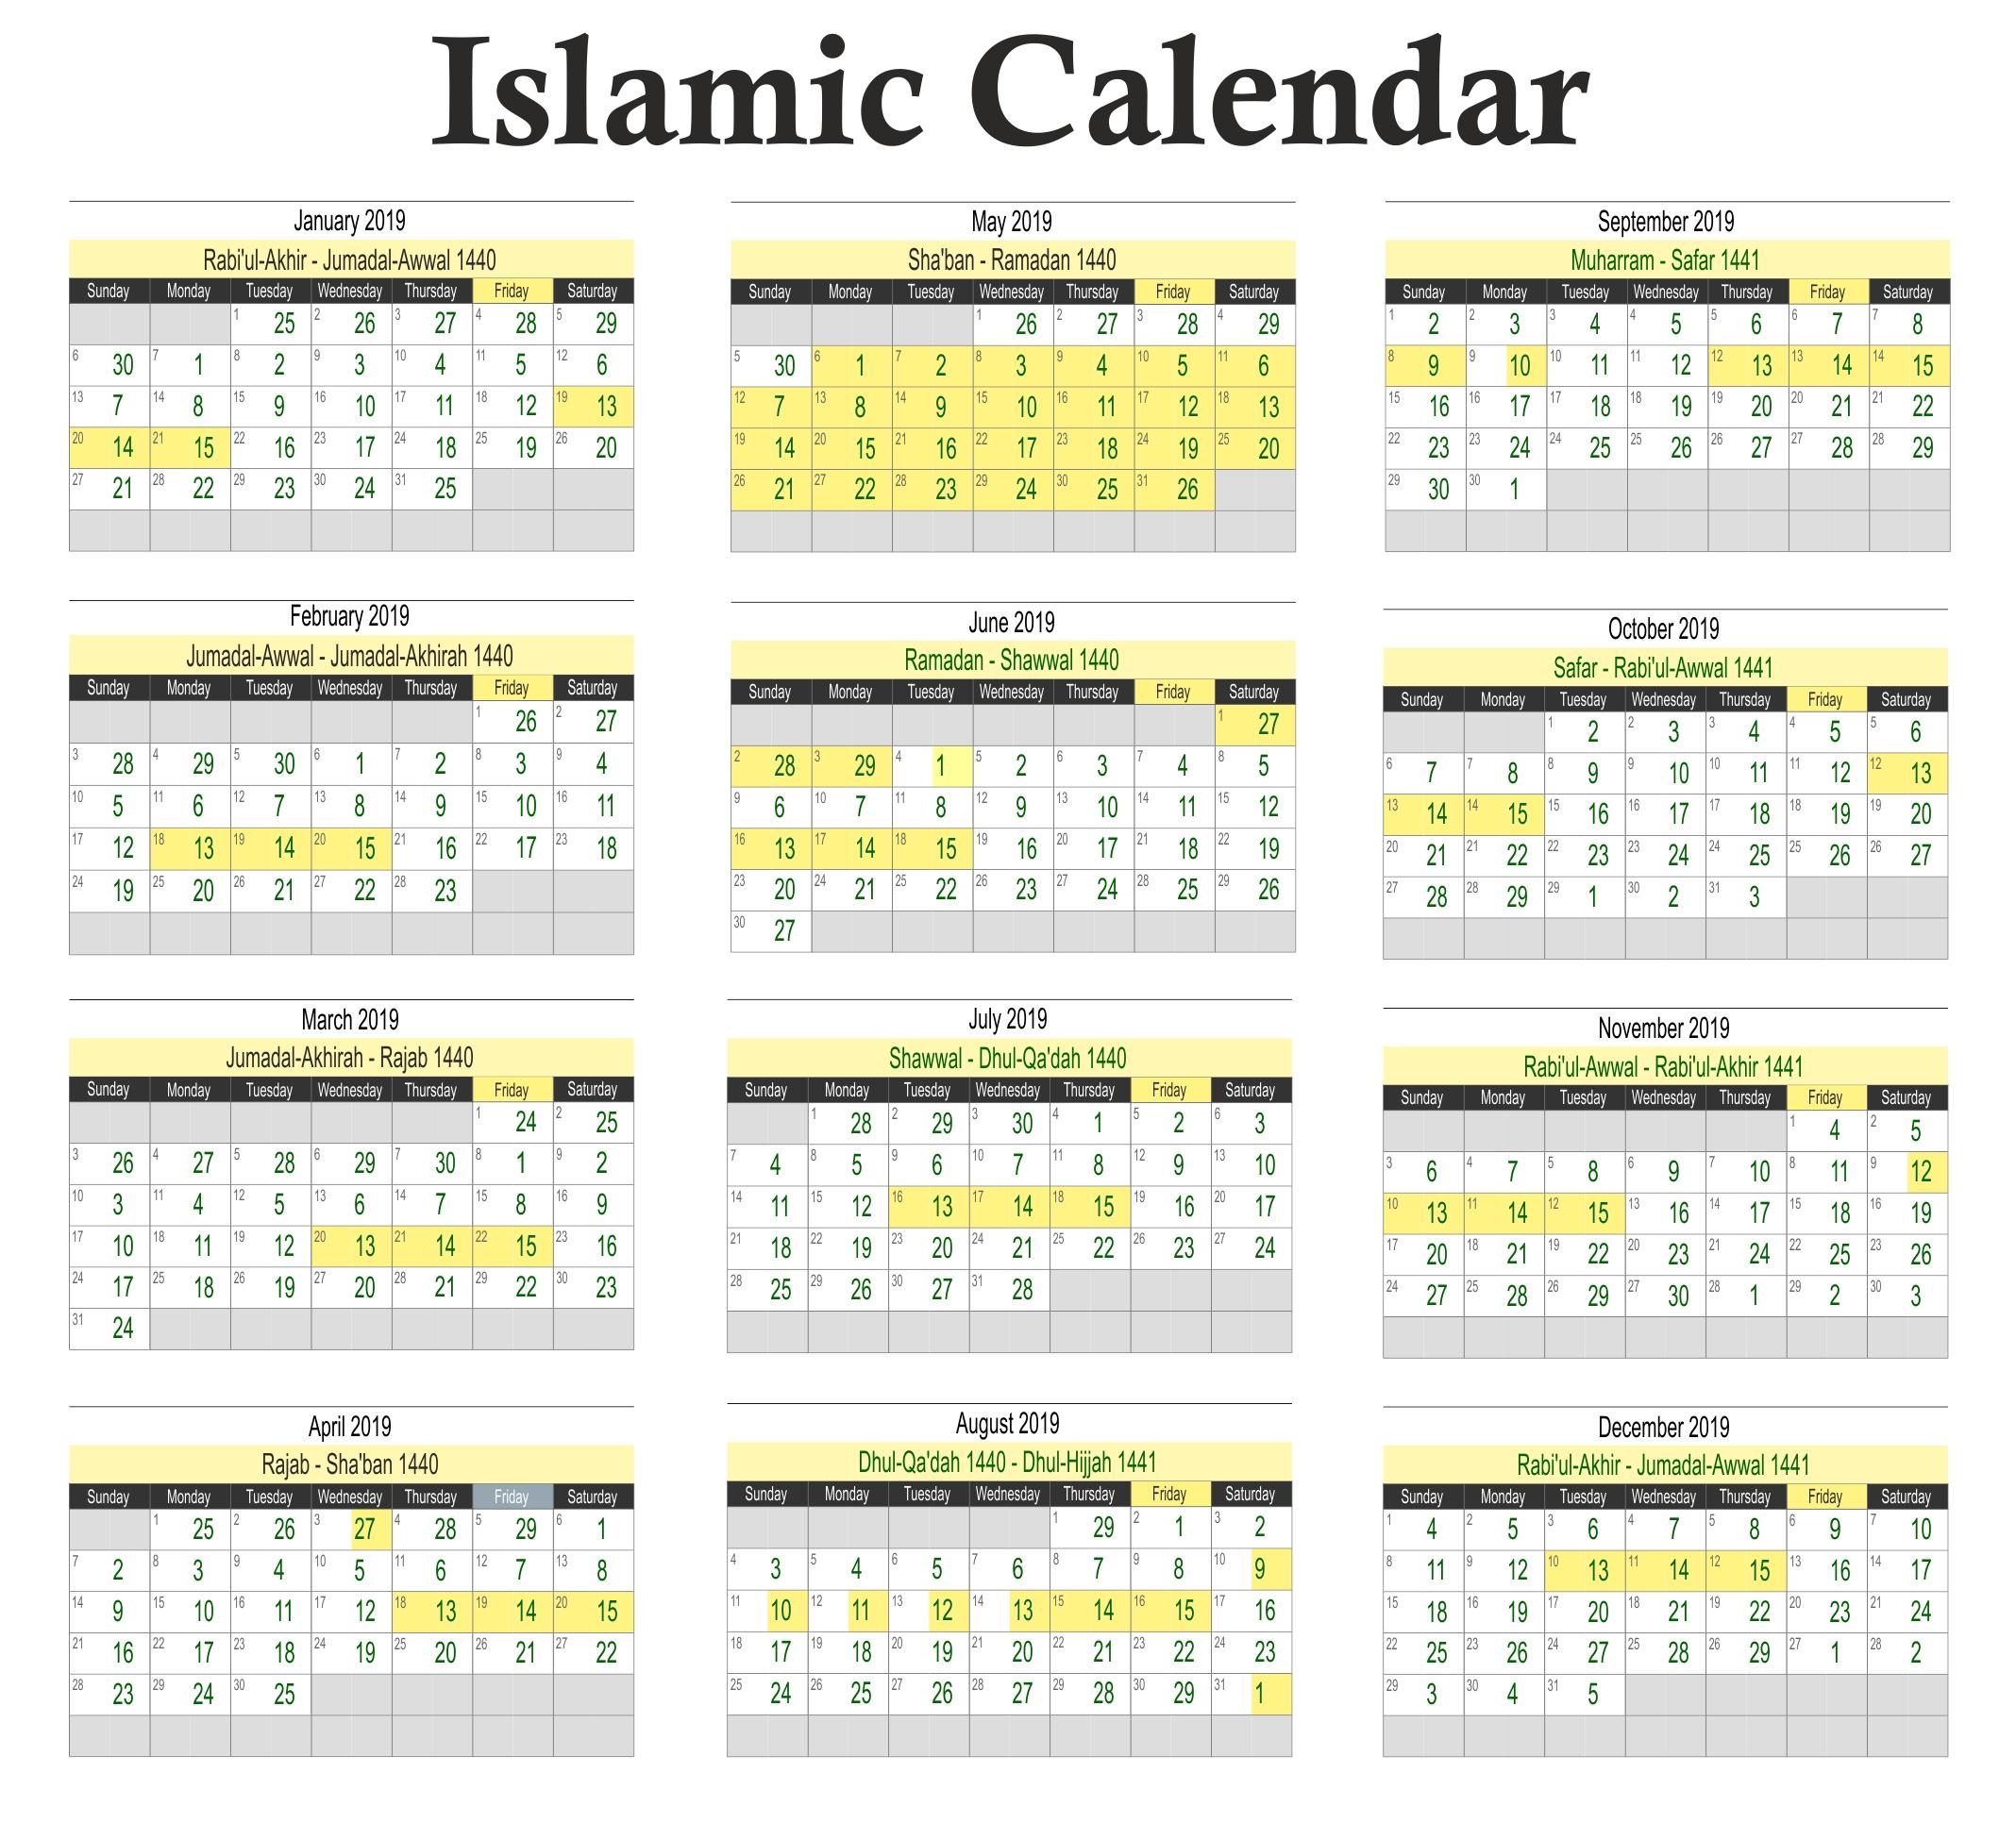 Calendar Muslim Holidays 2019 • Printable Blank Calendar Template